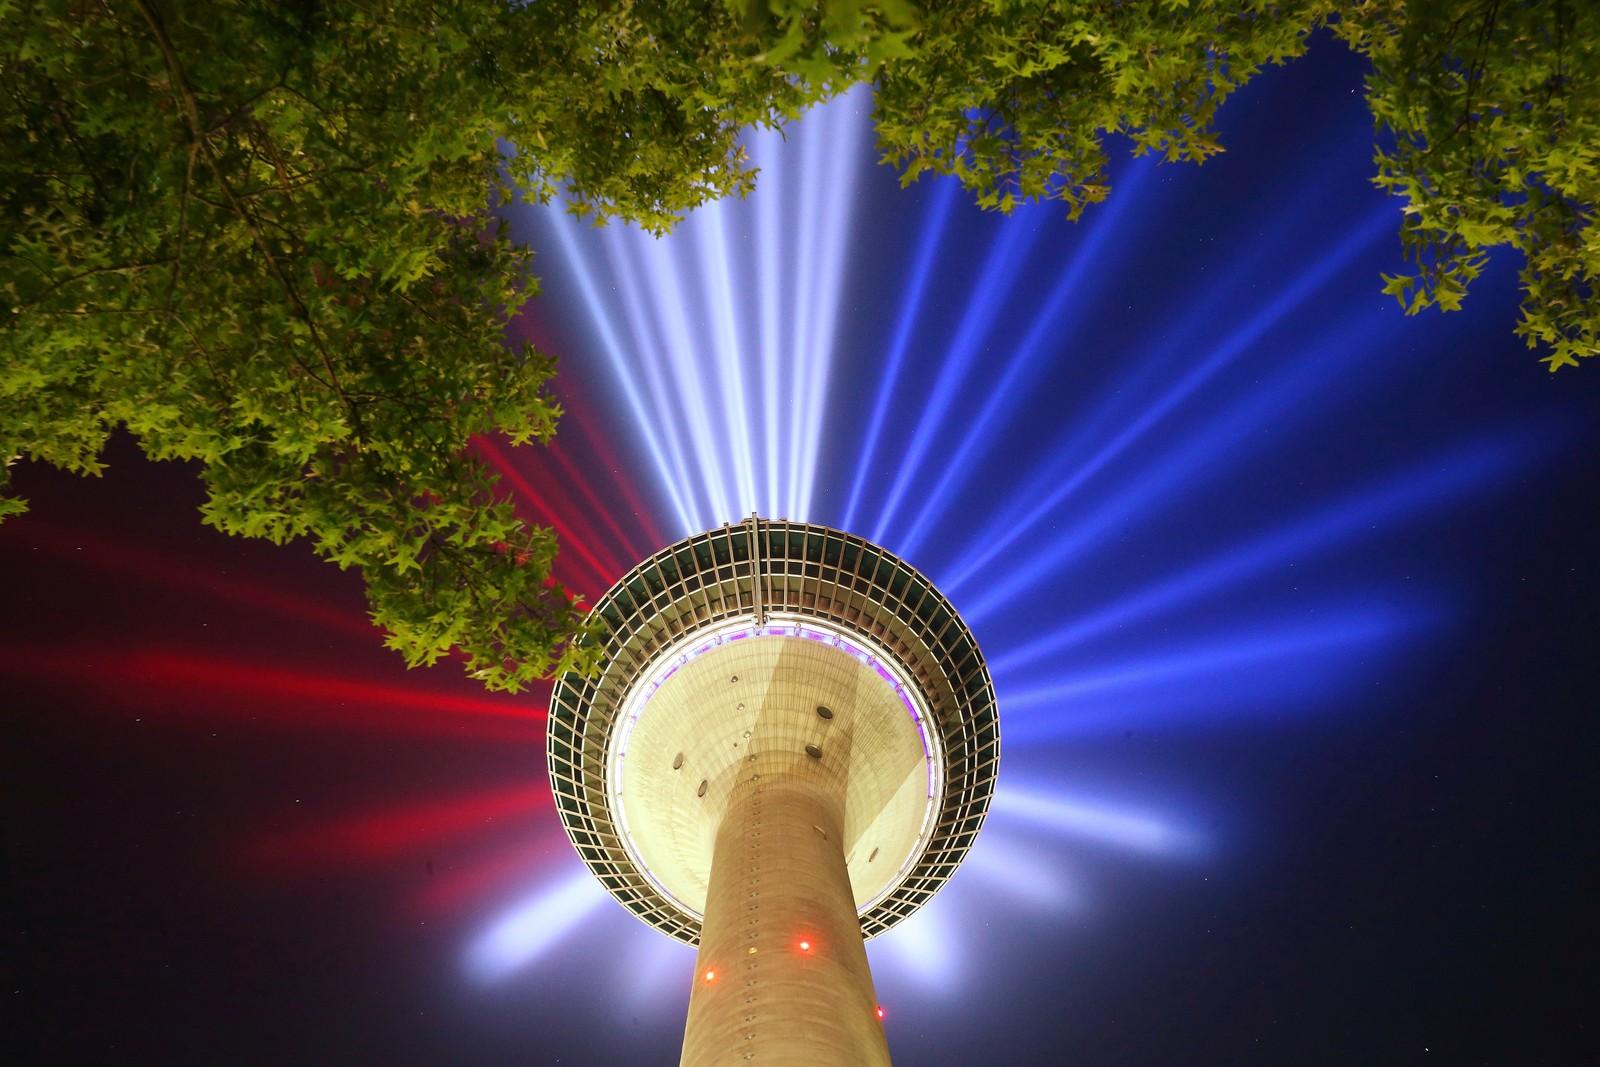 Det franske flaggets farger lyser ut fra tårnet Rheinturm i Düsseldorf i Tyskland. Tour de France starter nettopp her den 1. juli.